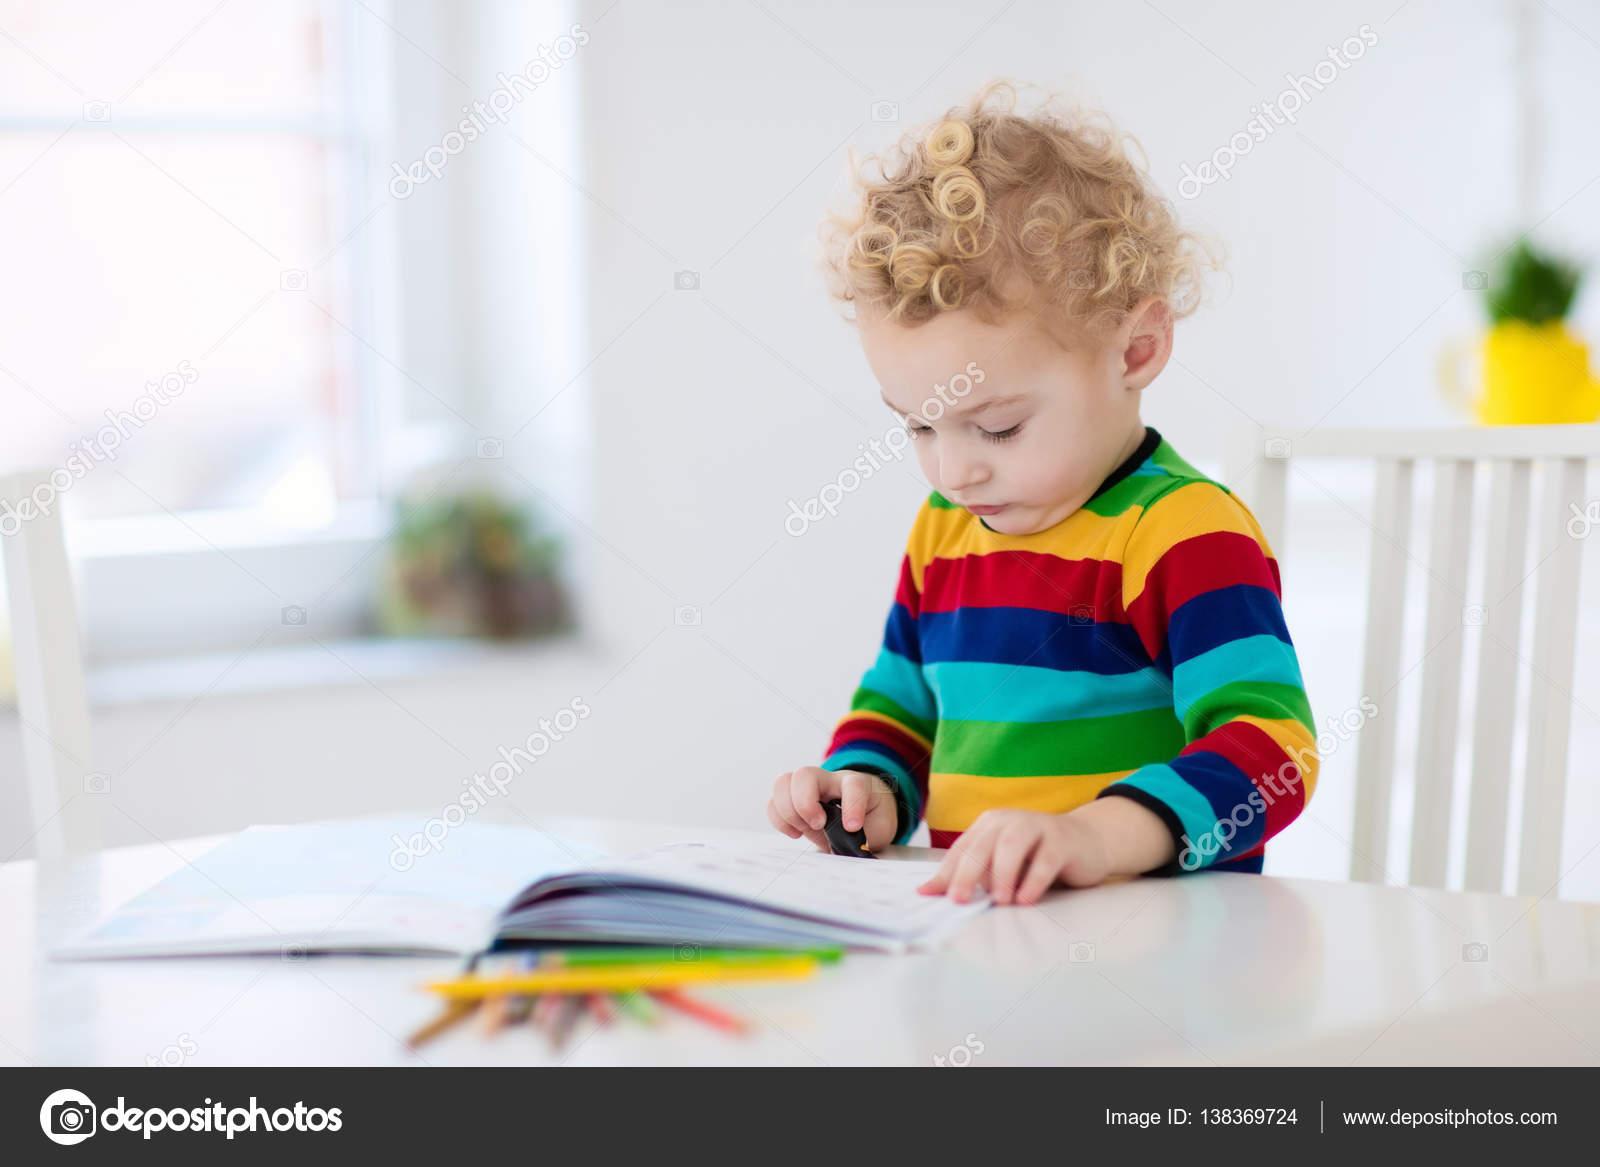 Kinder lesen, schreiben und malen. Kind Hausaufgaben — Stockfoto ...